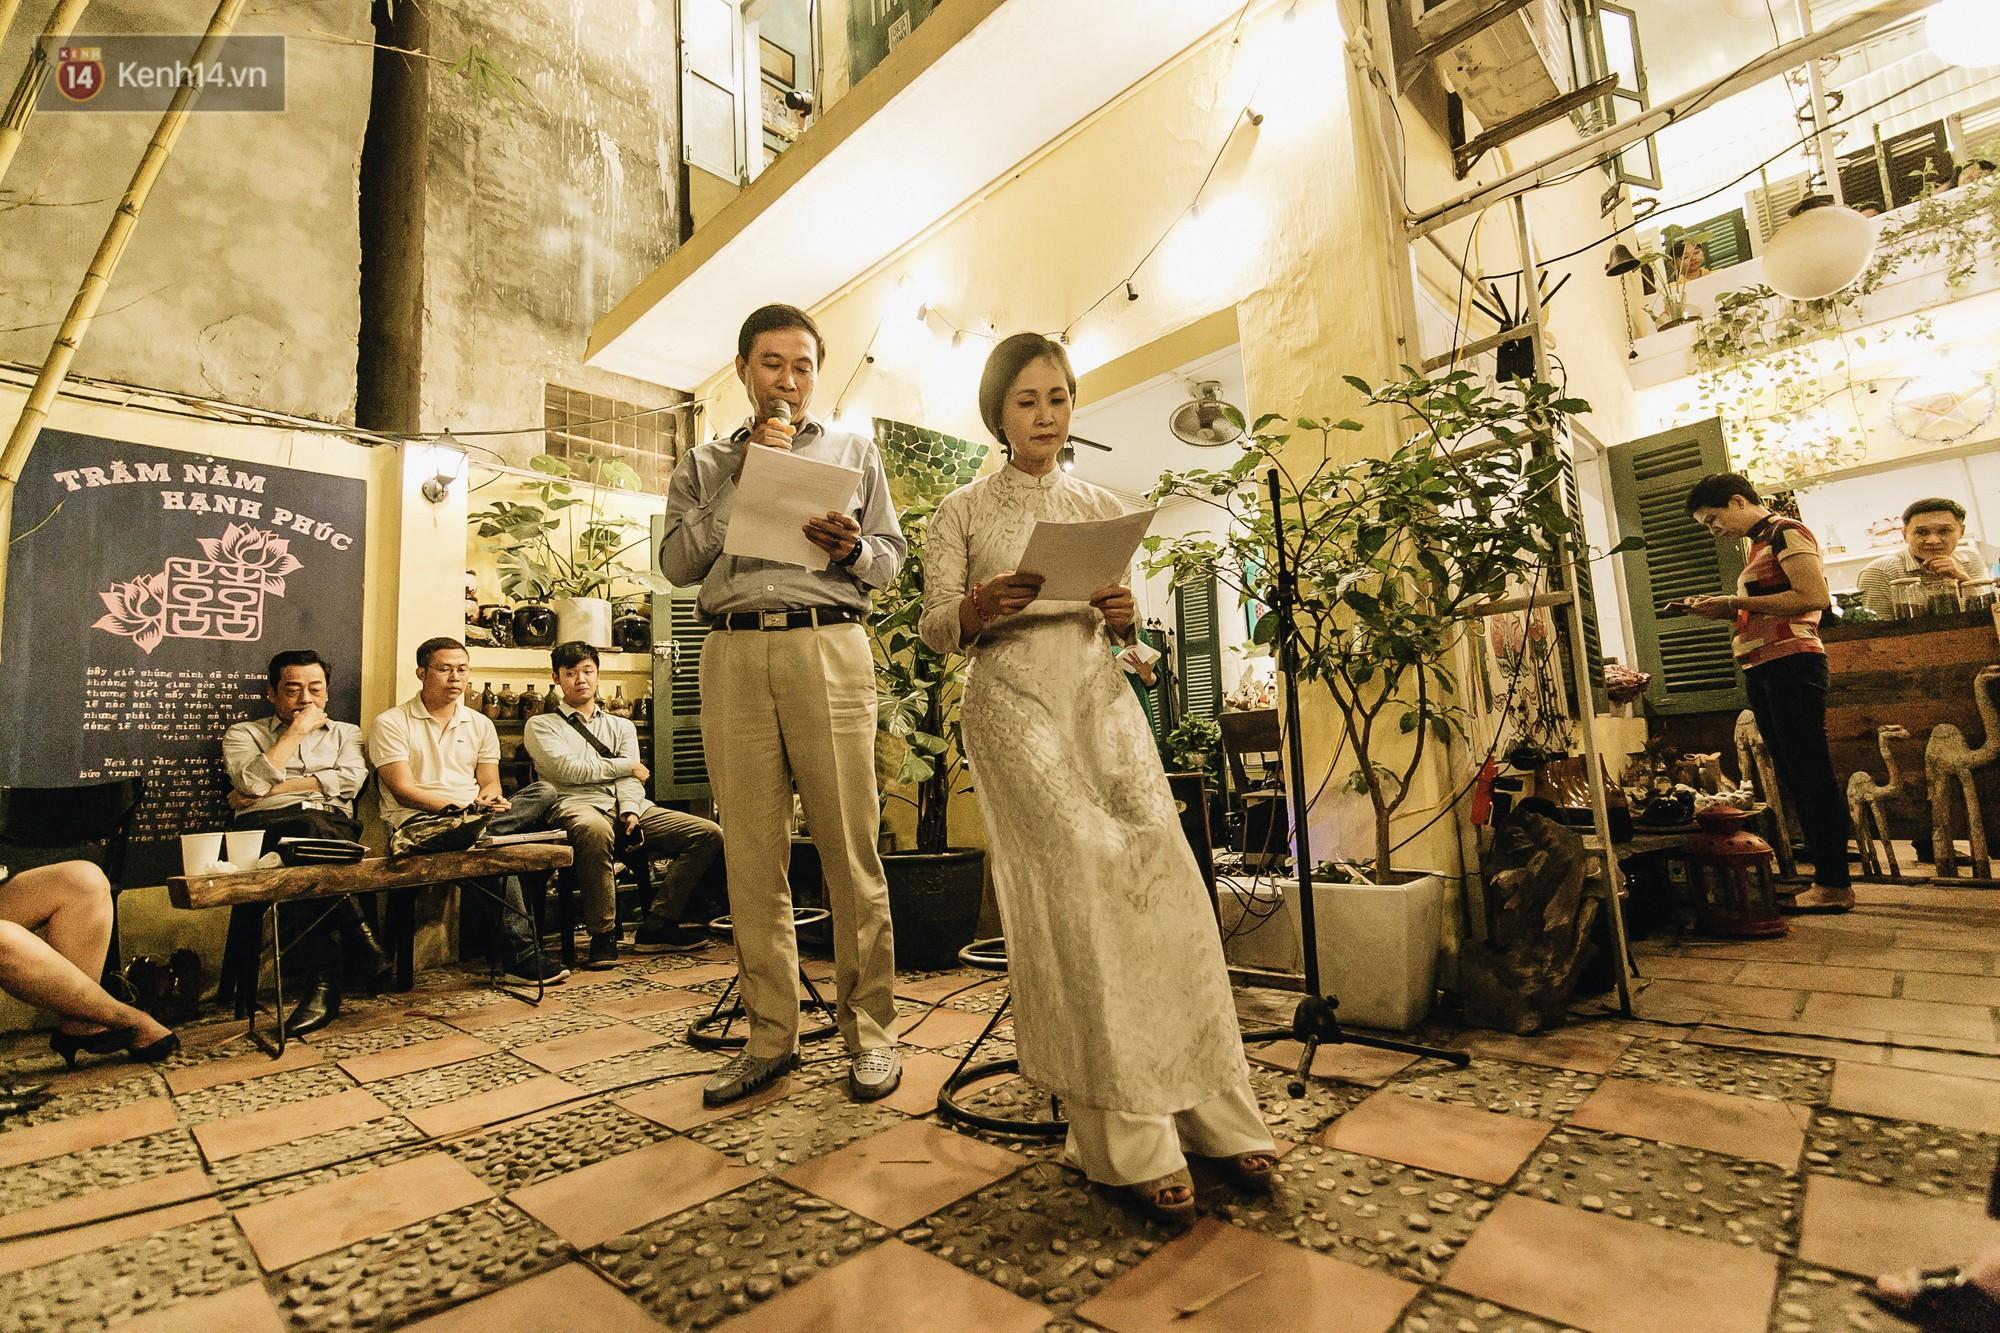 Chuyện về căn phòng 6m2 của vợ chồng Lưu Quang Vũ - Xuân Quỳnh và đêm thơ tưởng nhớ đầy cảm xúc ở Hà Nội - Ảnh 8.